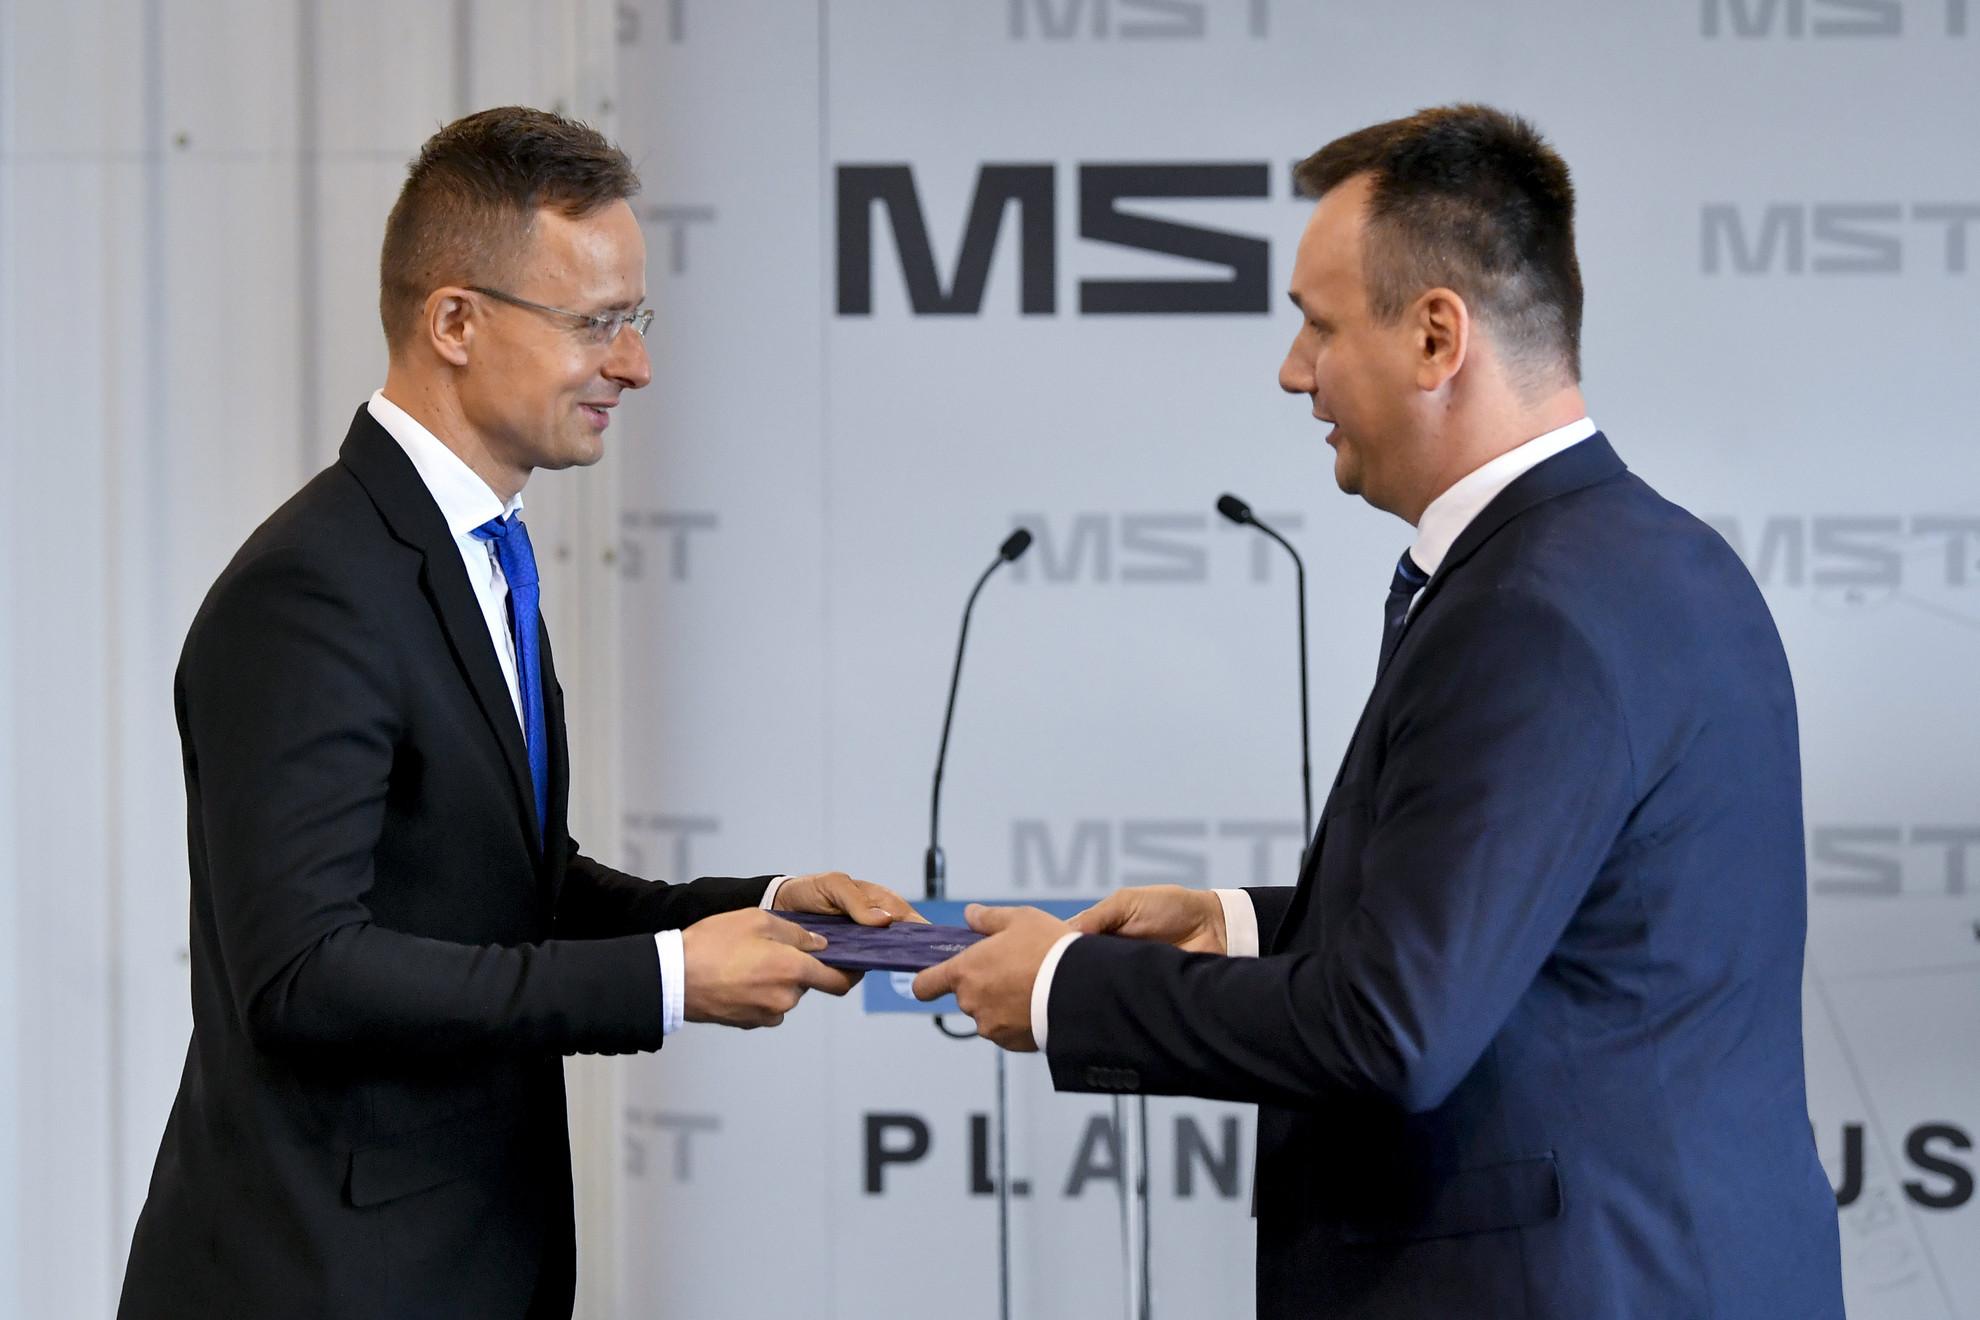 Szijjártó Péter (b) átadja a 282 millió forintos versenyképesség-növelő támogatásról szóló szerződést Bocskai Istvánnak, az MST-Engineering Kft. minőségi és értékesítési vezetőjének a cég debreceni üzemcsarnokában